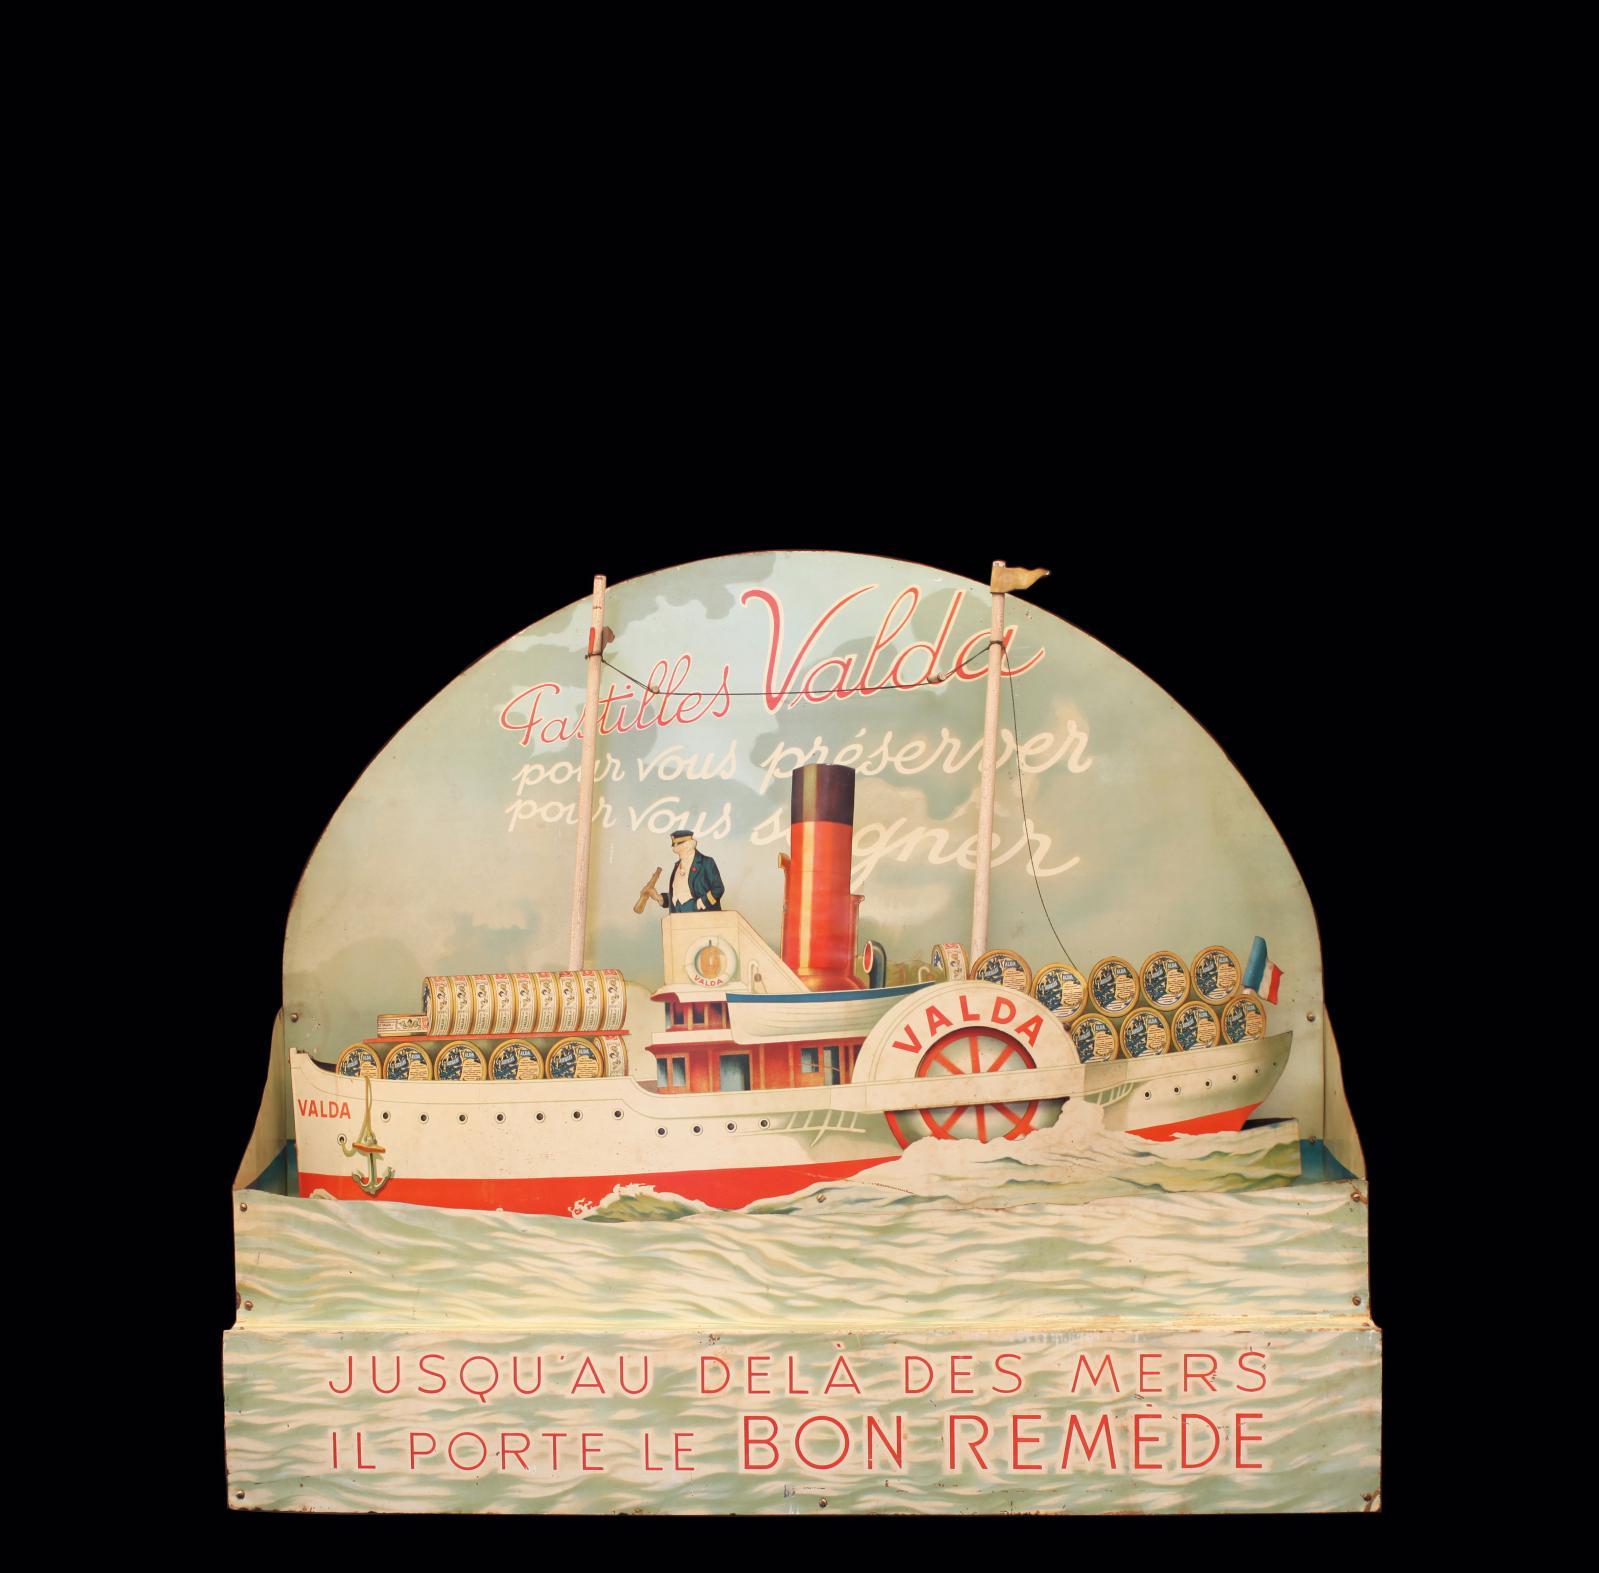 Courtin, Paris, France, vers 1930. Pastilles Valda pour vous préserver, pour vous soigner, présentoir automate de vitrine en métal plié pe